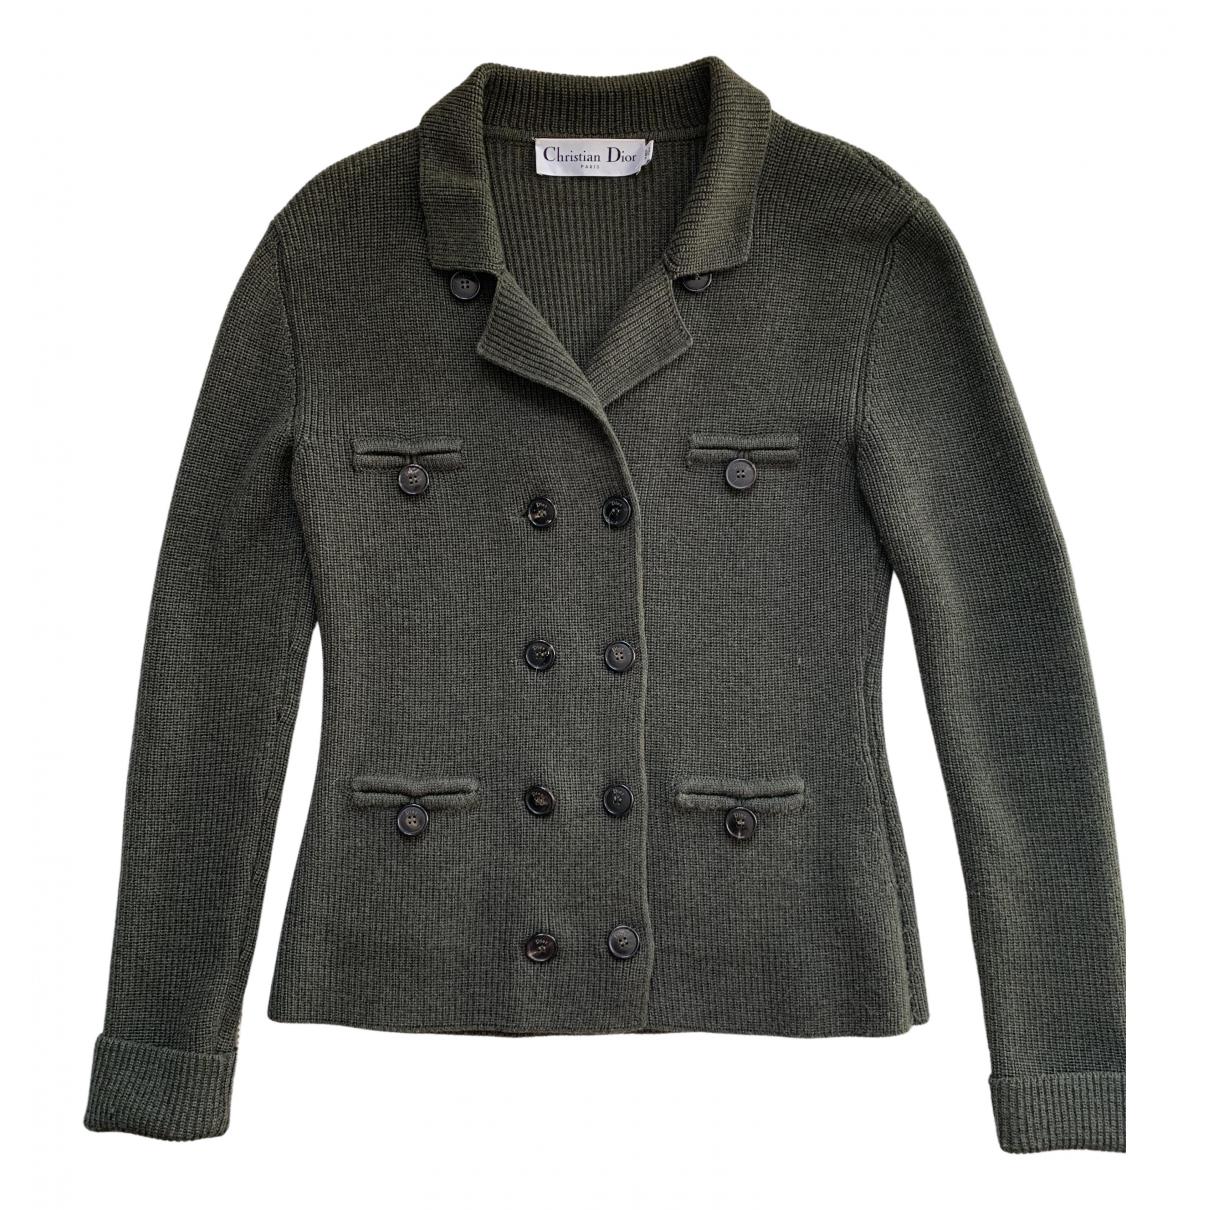 Dior \N Jacke in  Khaki Wolle